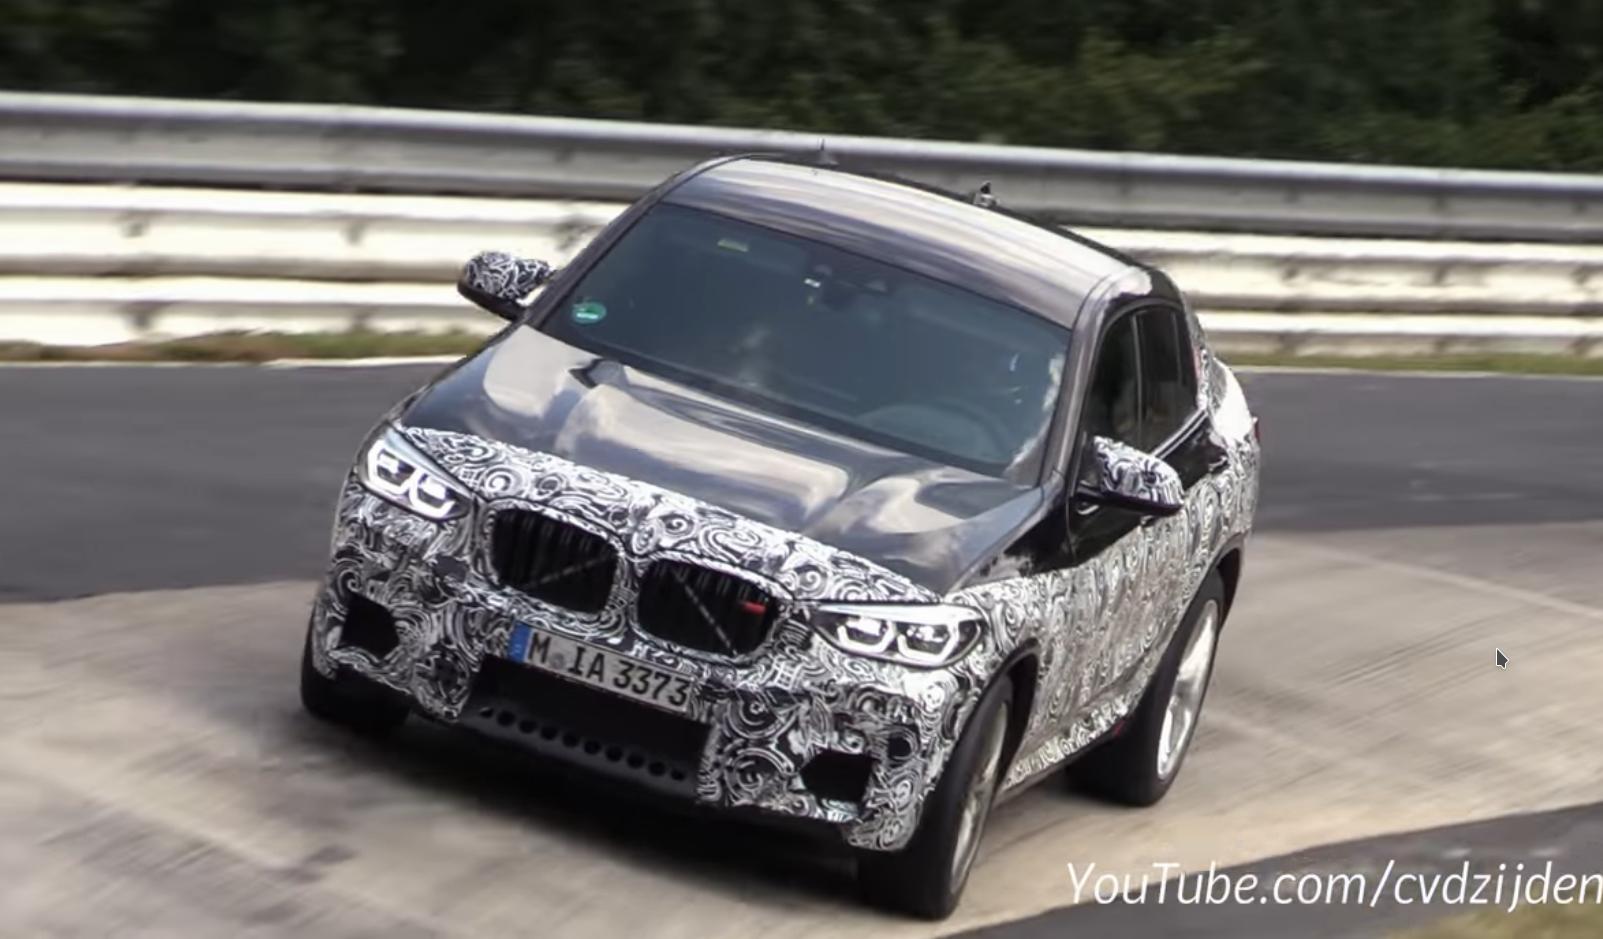 Vídeo: así suena el BMW X4 M en el 'Ring